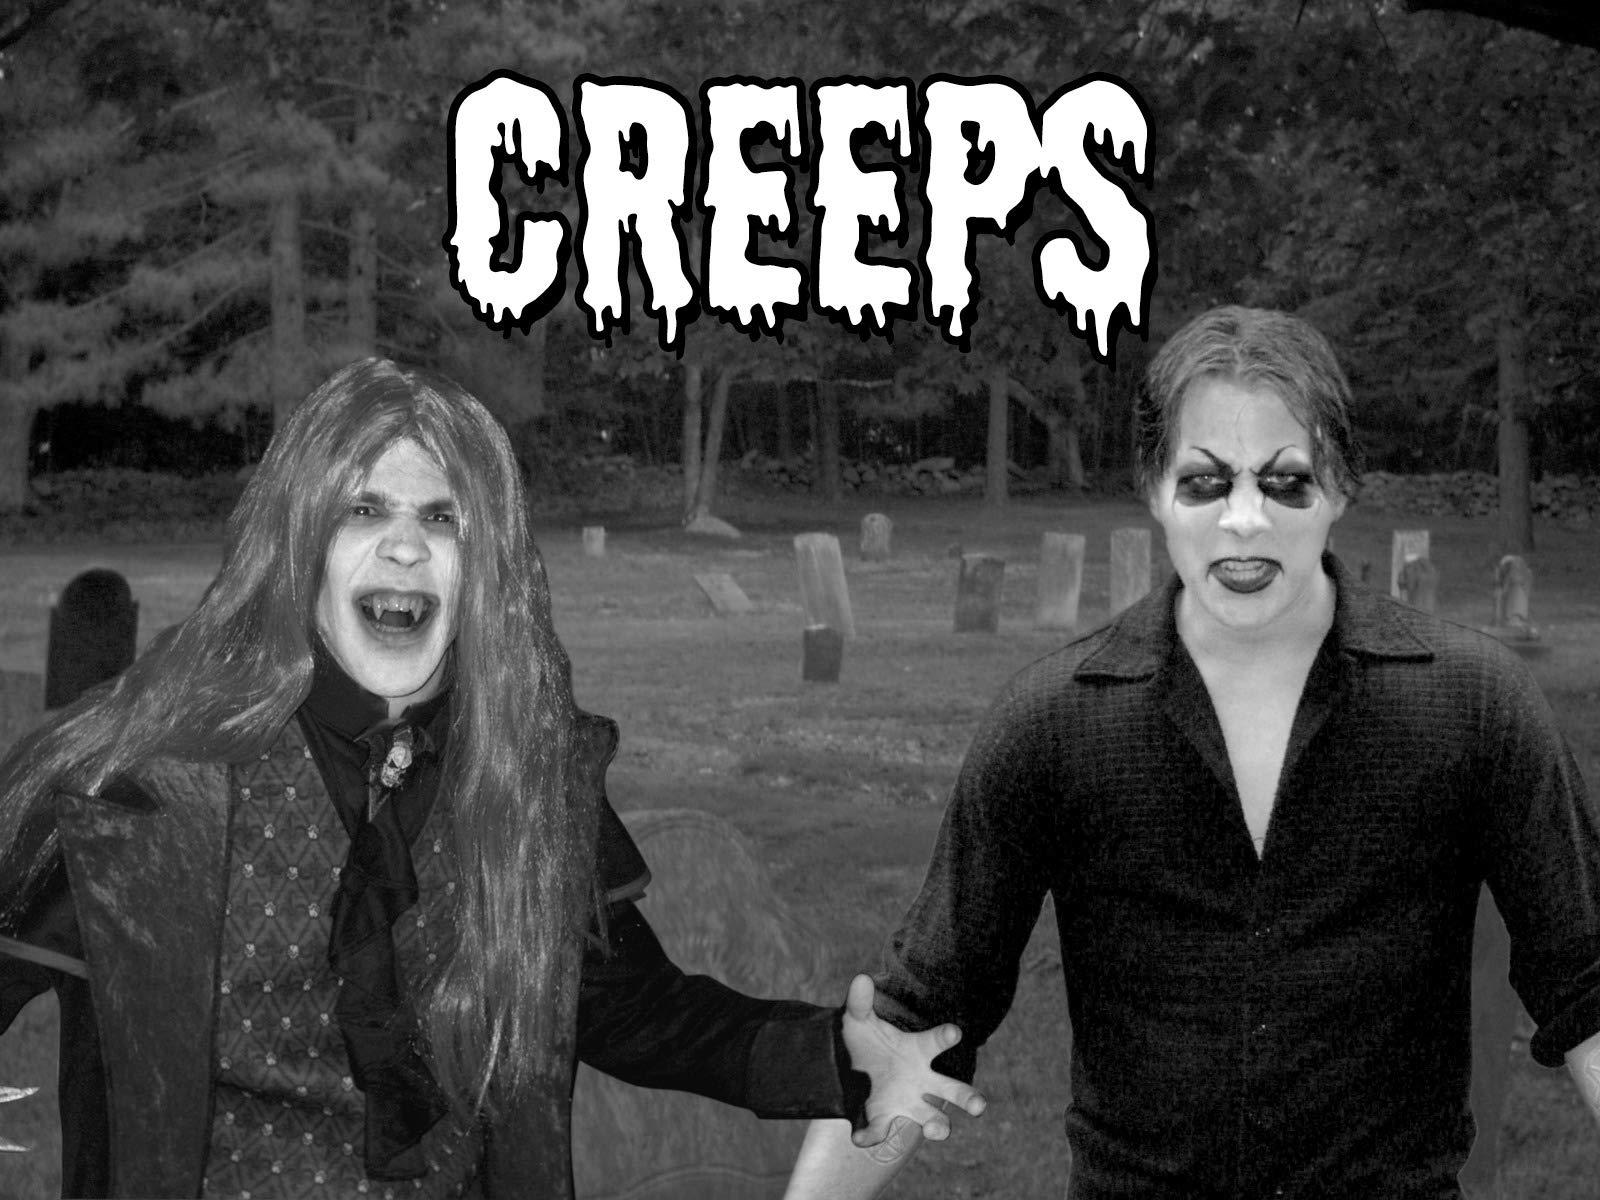 Creeps - Season 1